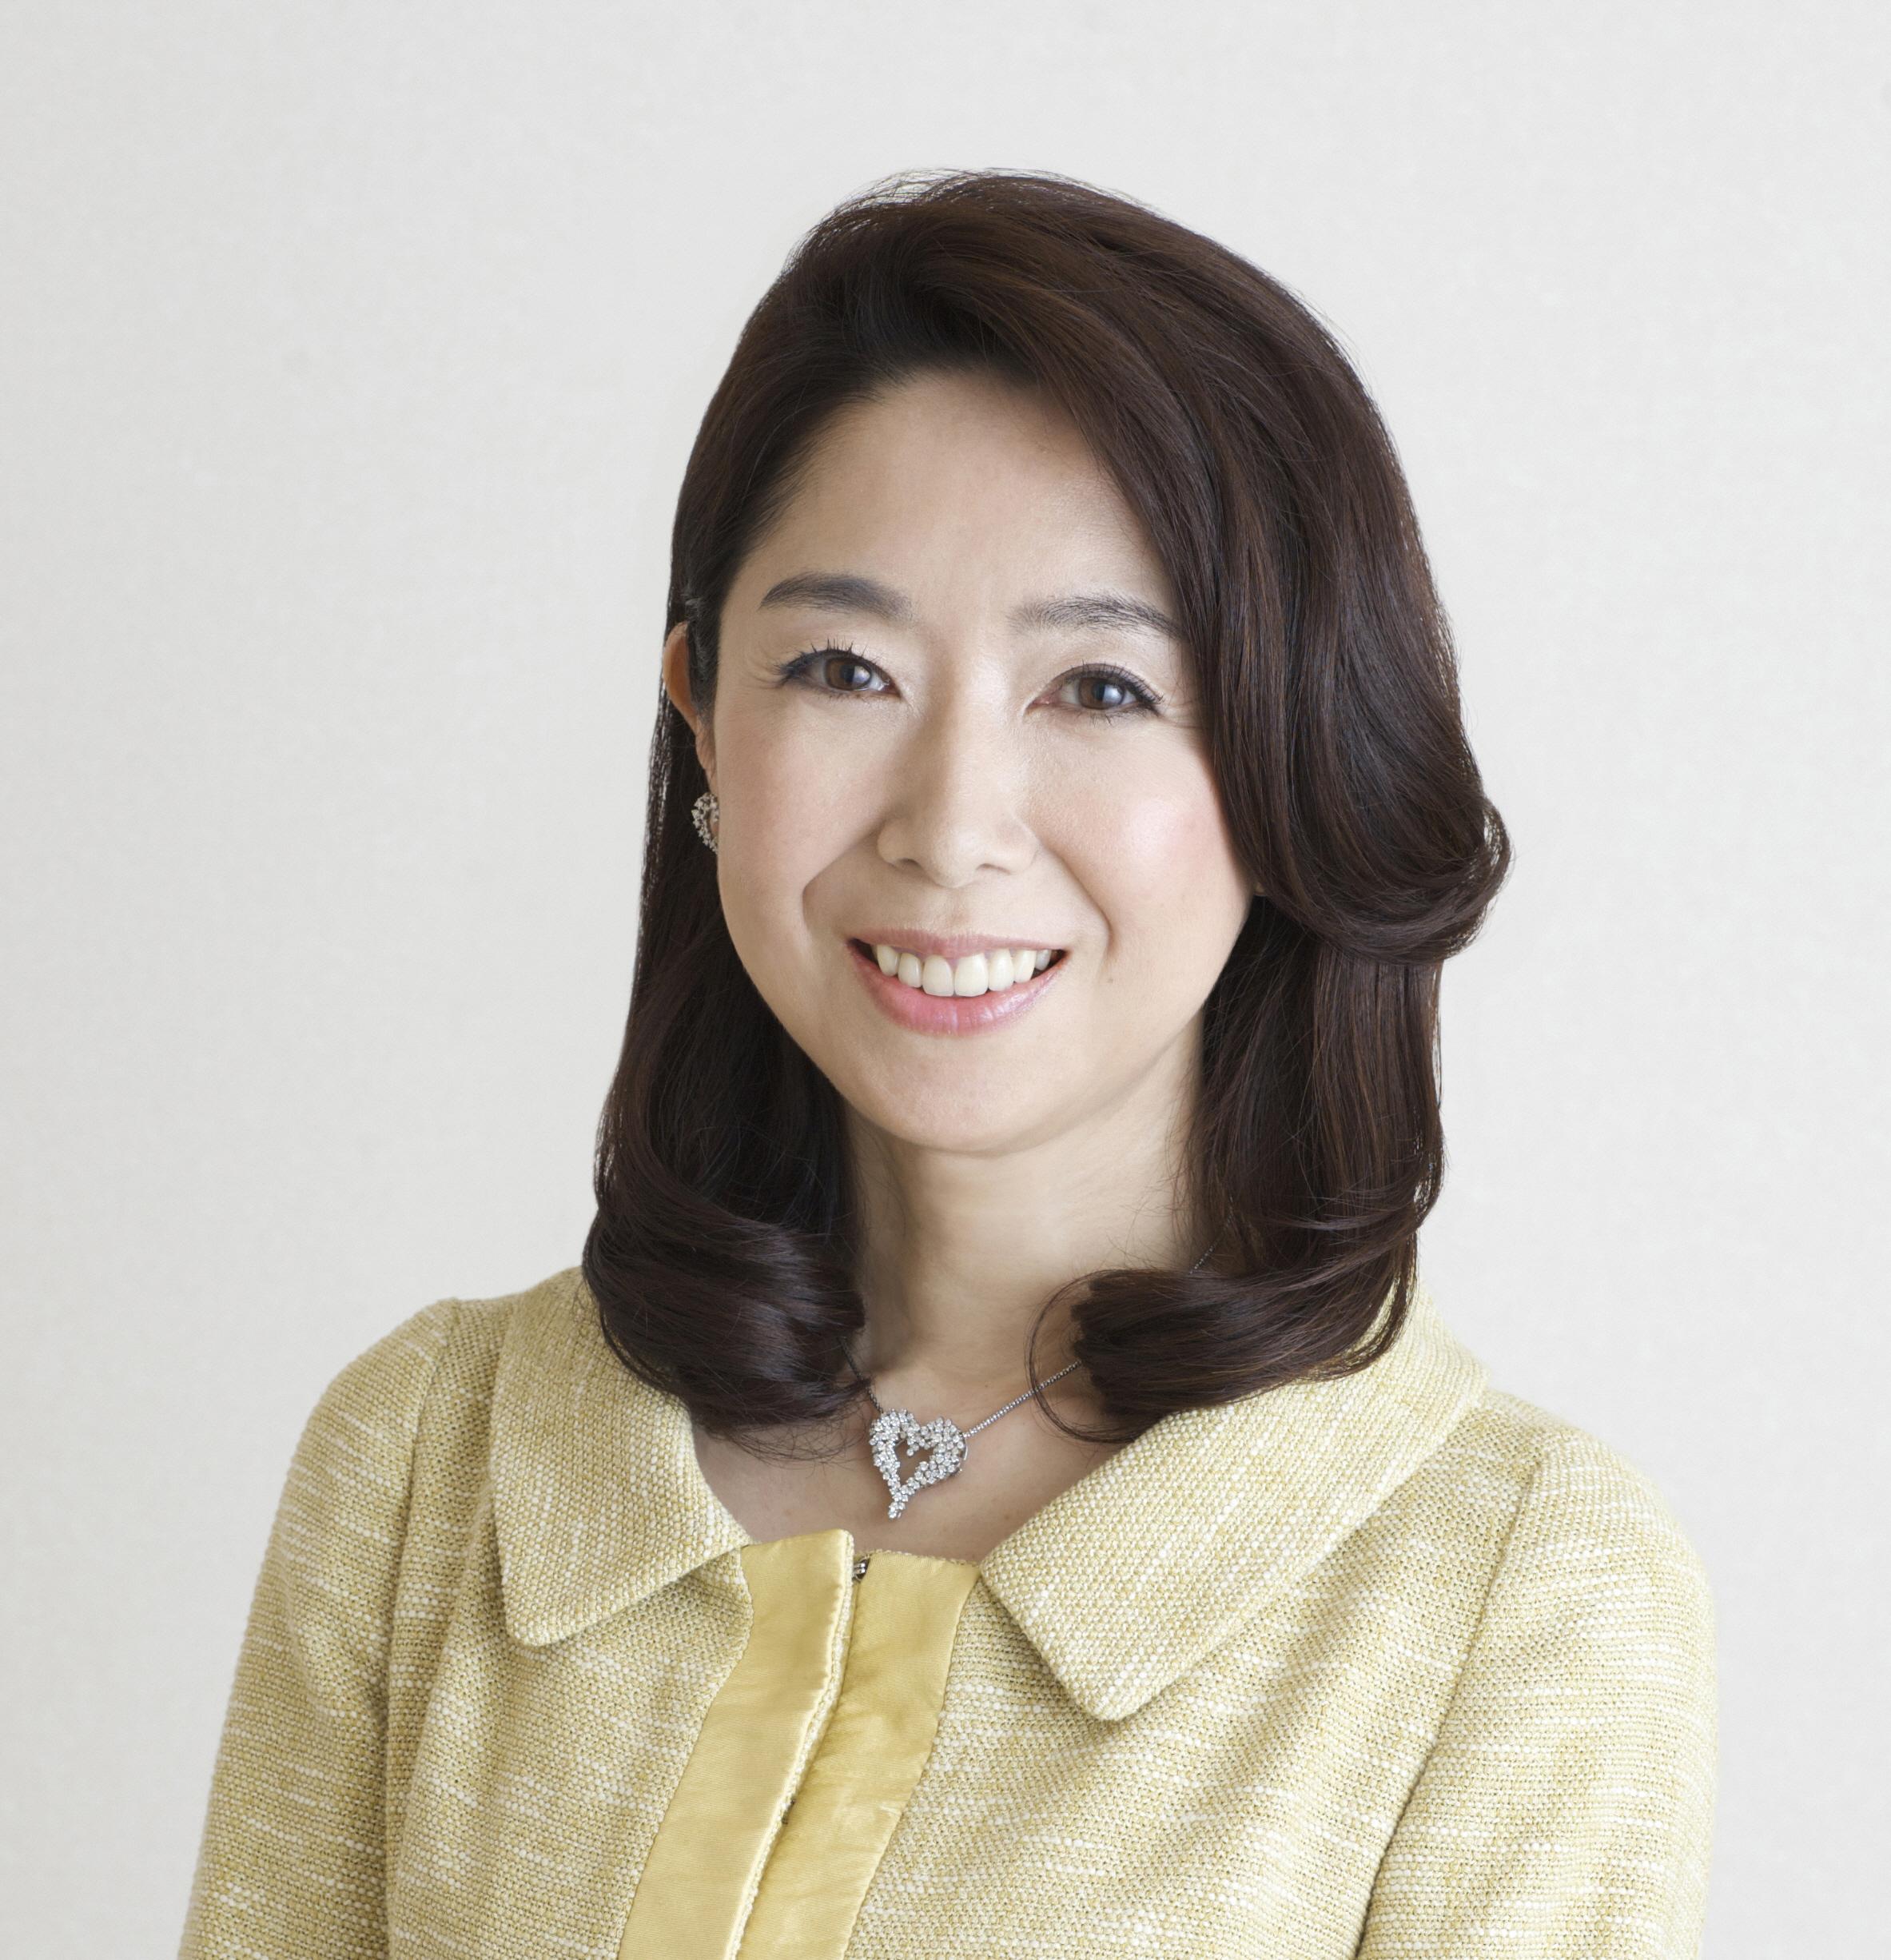 講師 辻󠄀井いつ子さんの写真